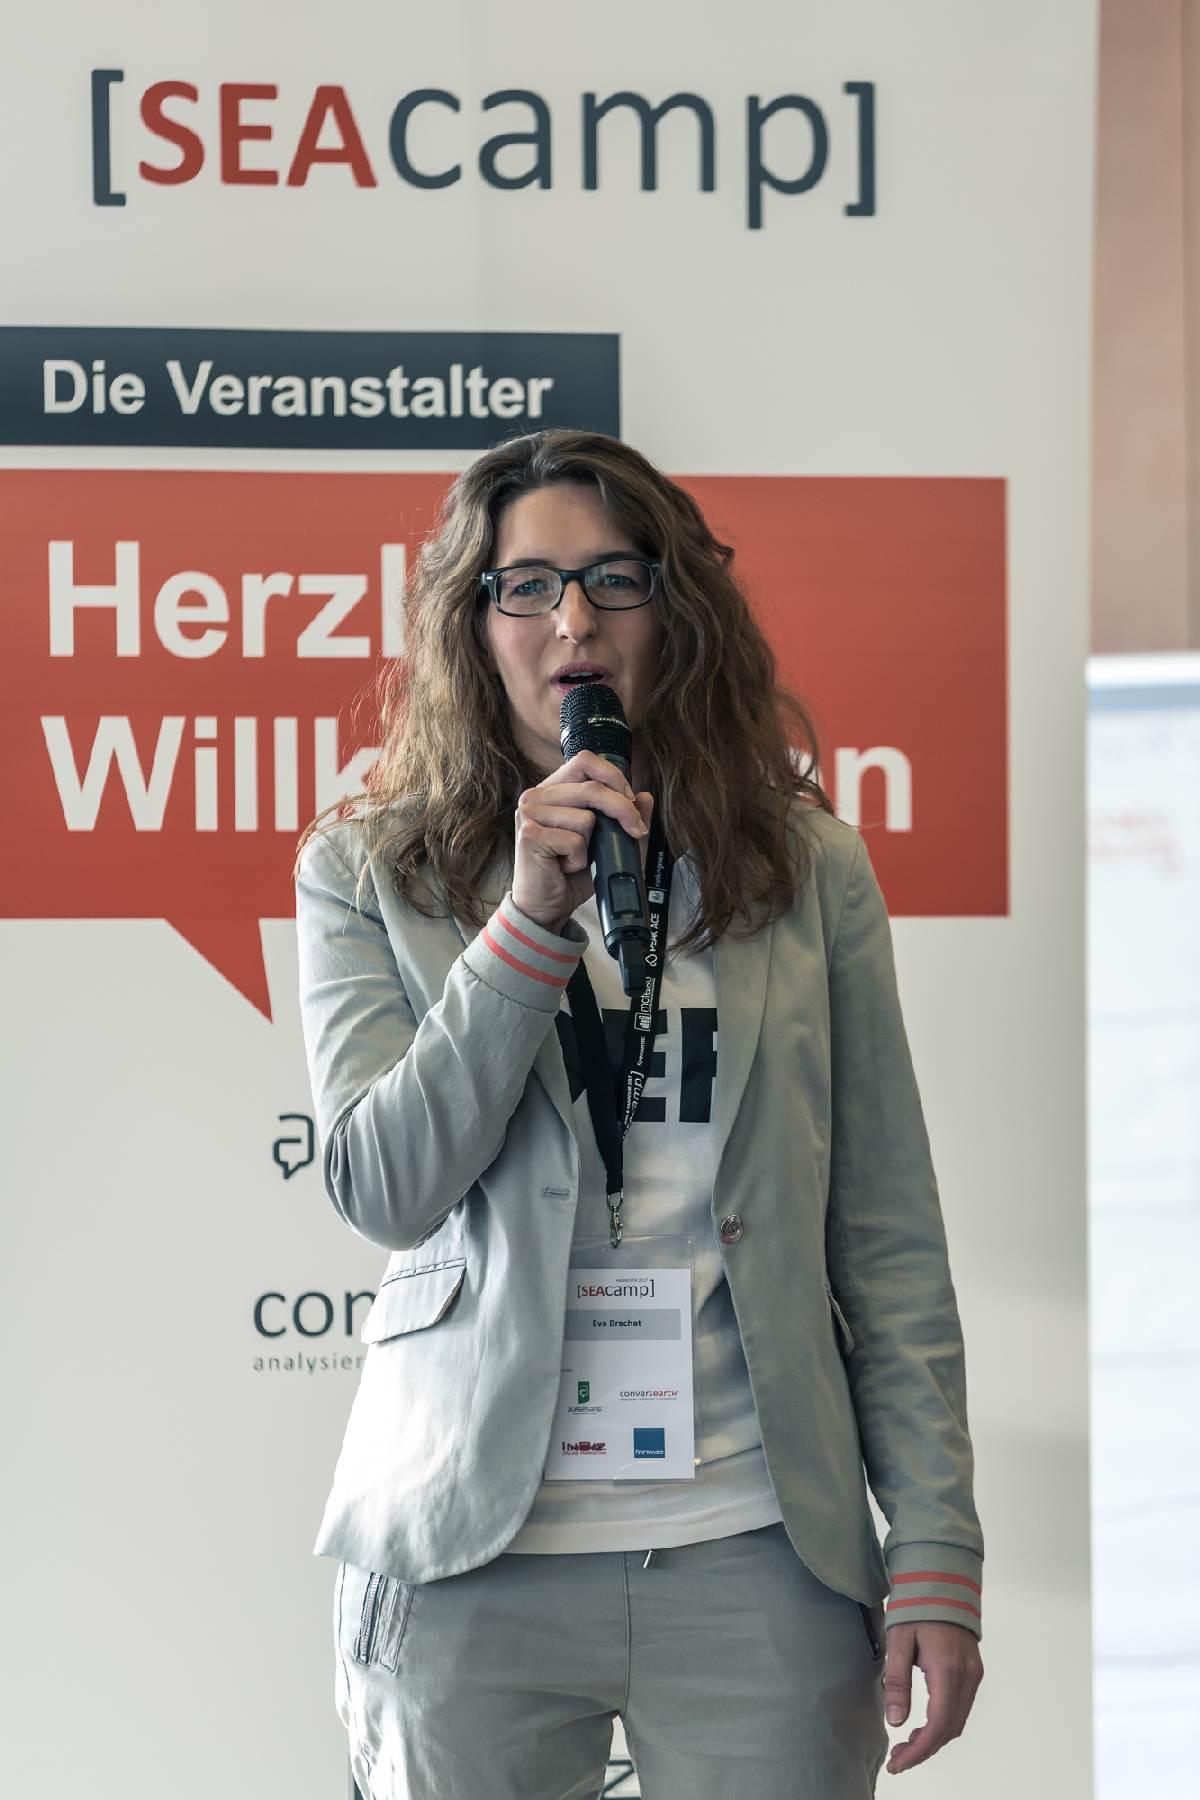 hannover_2017_SEAcamp-620